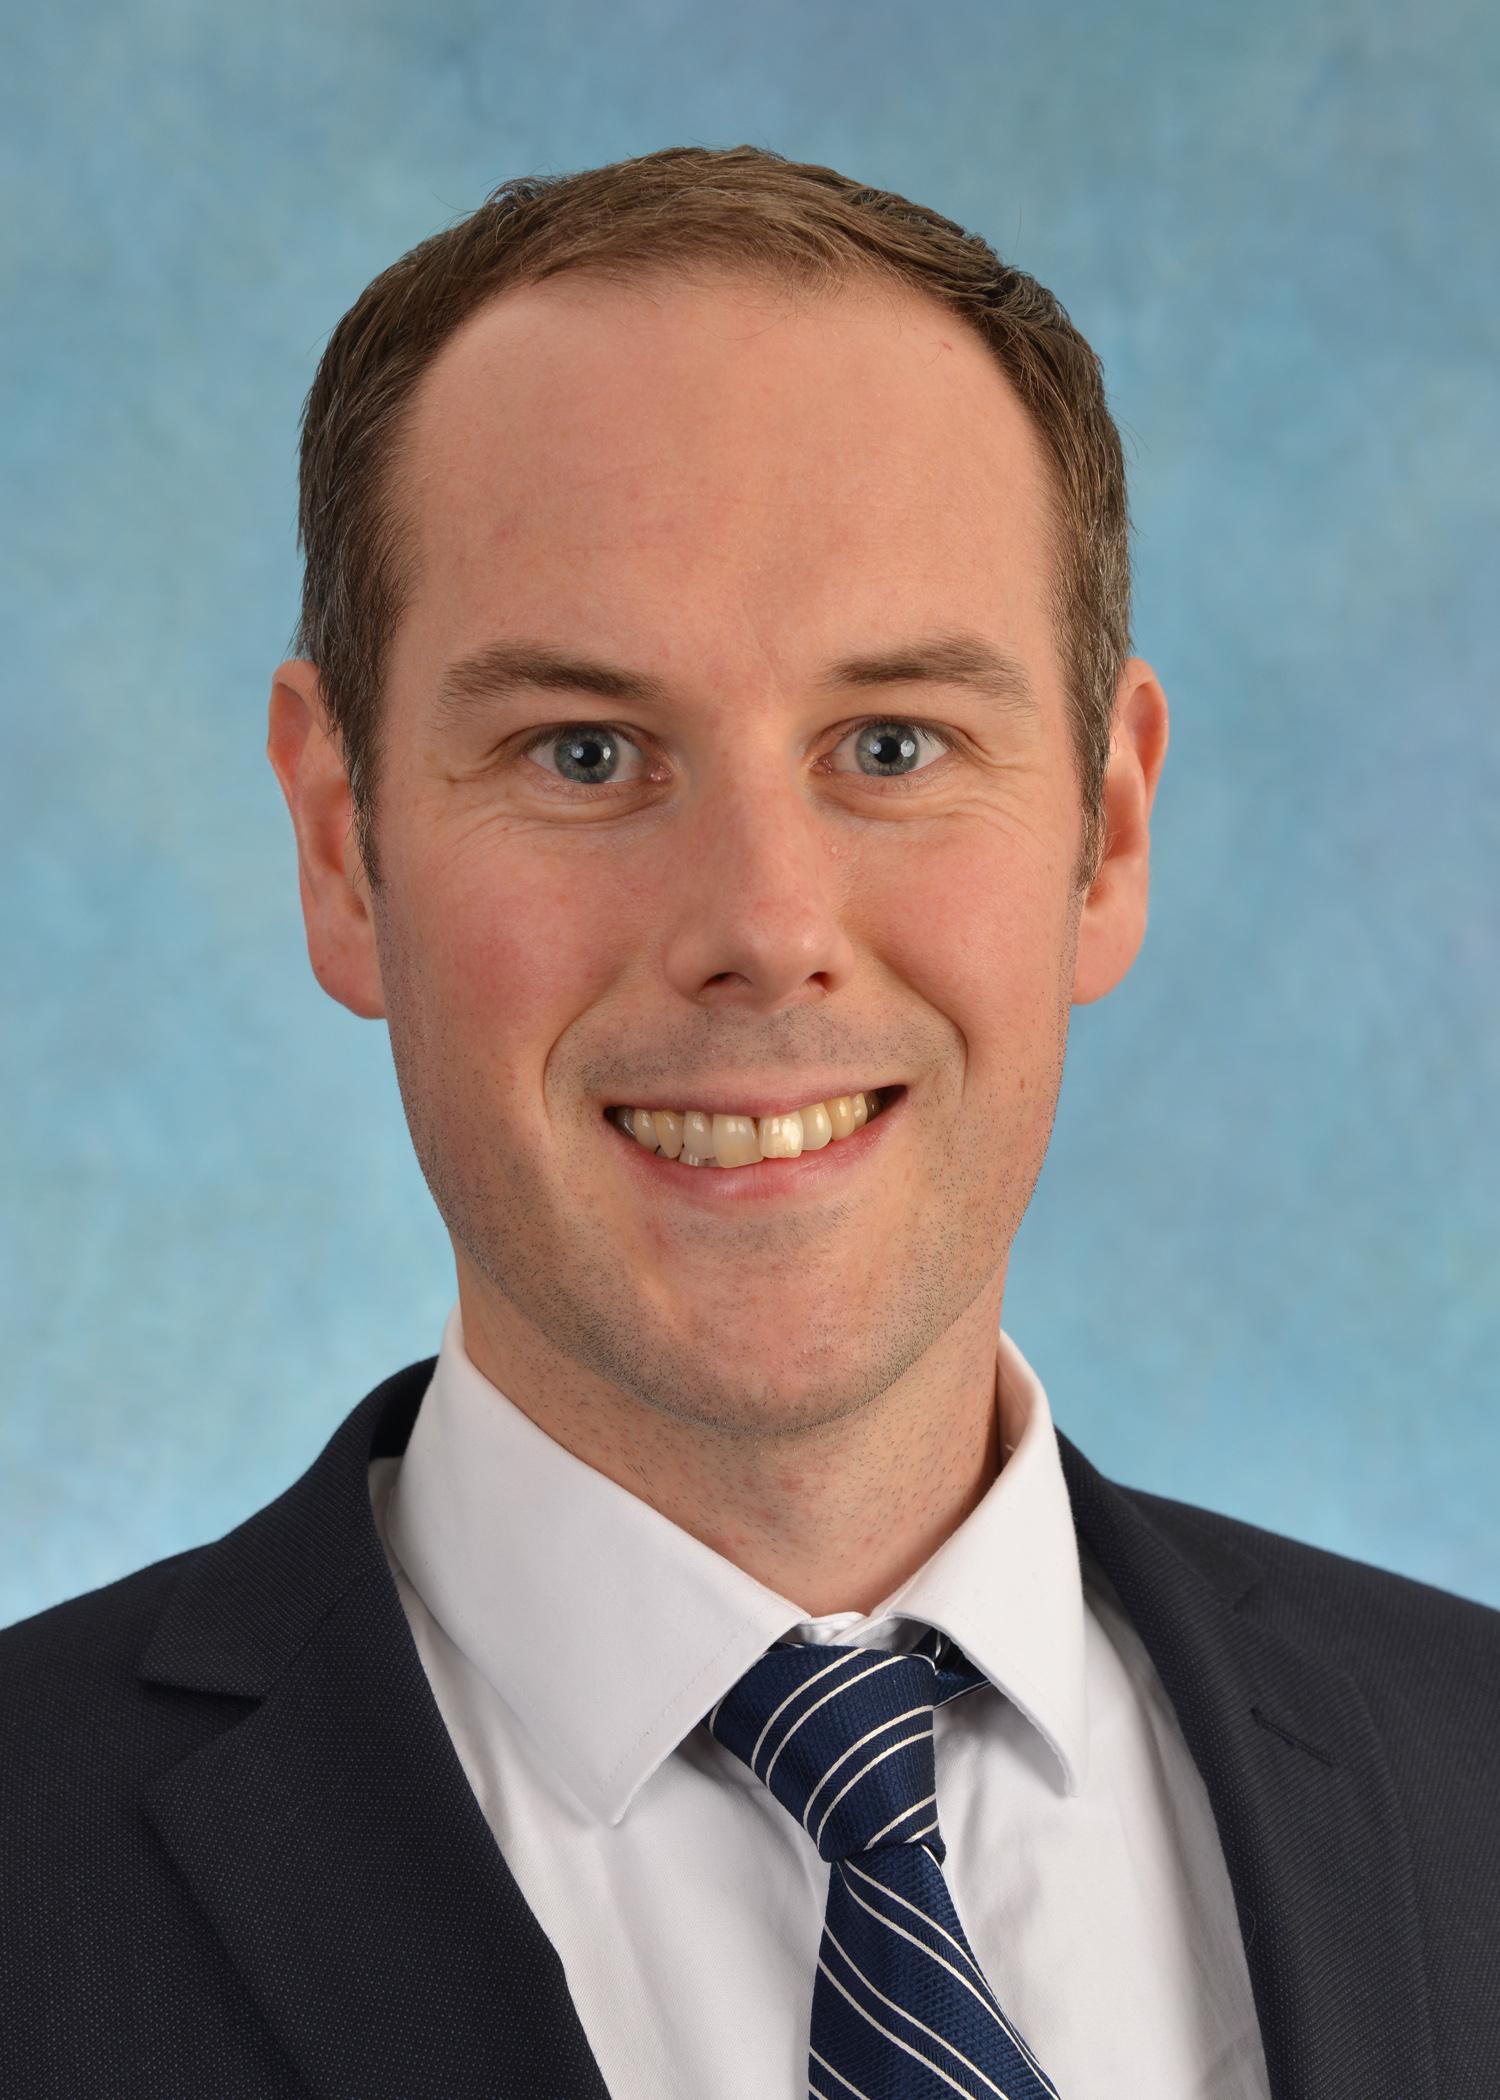 Ross McGurk